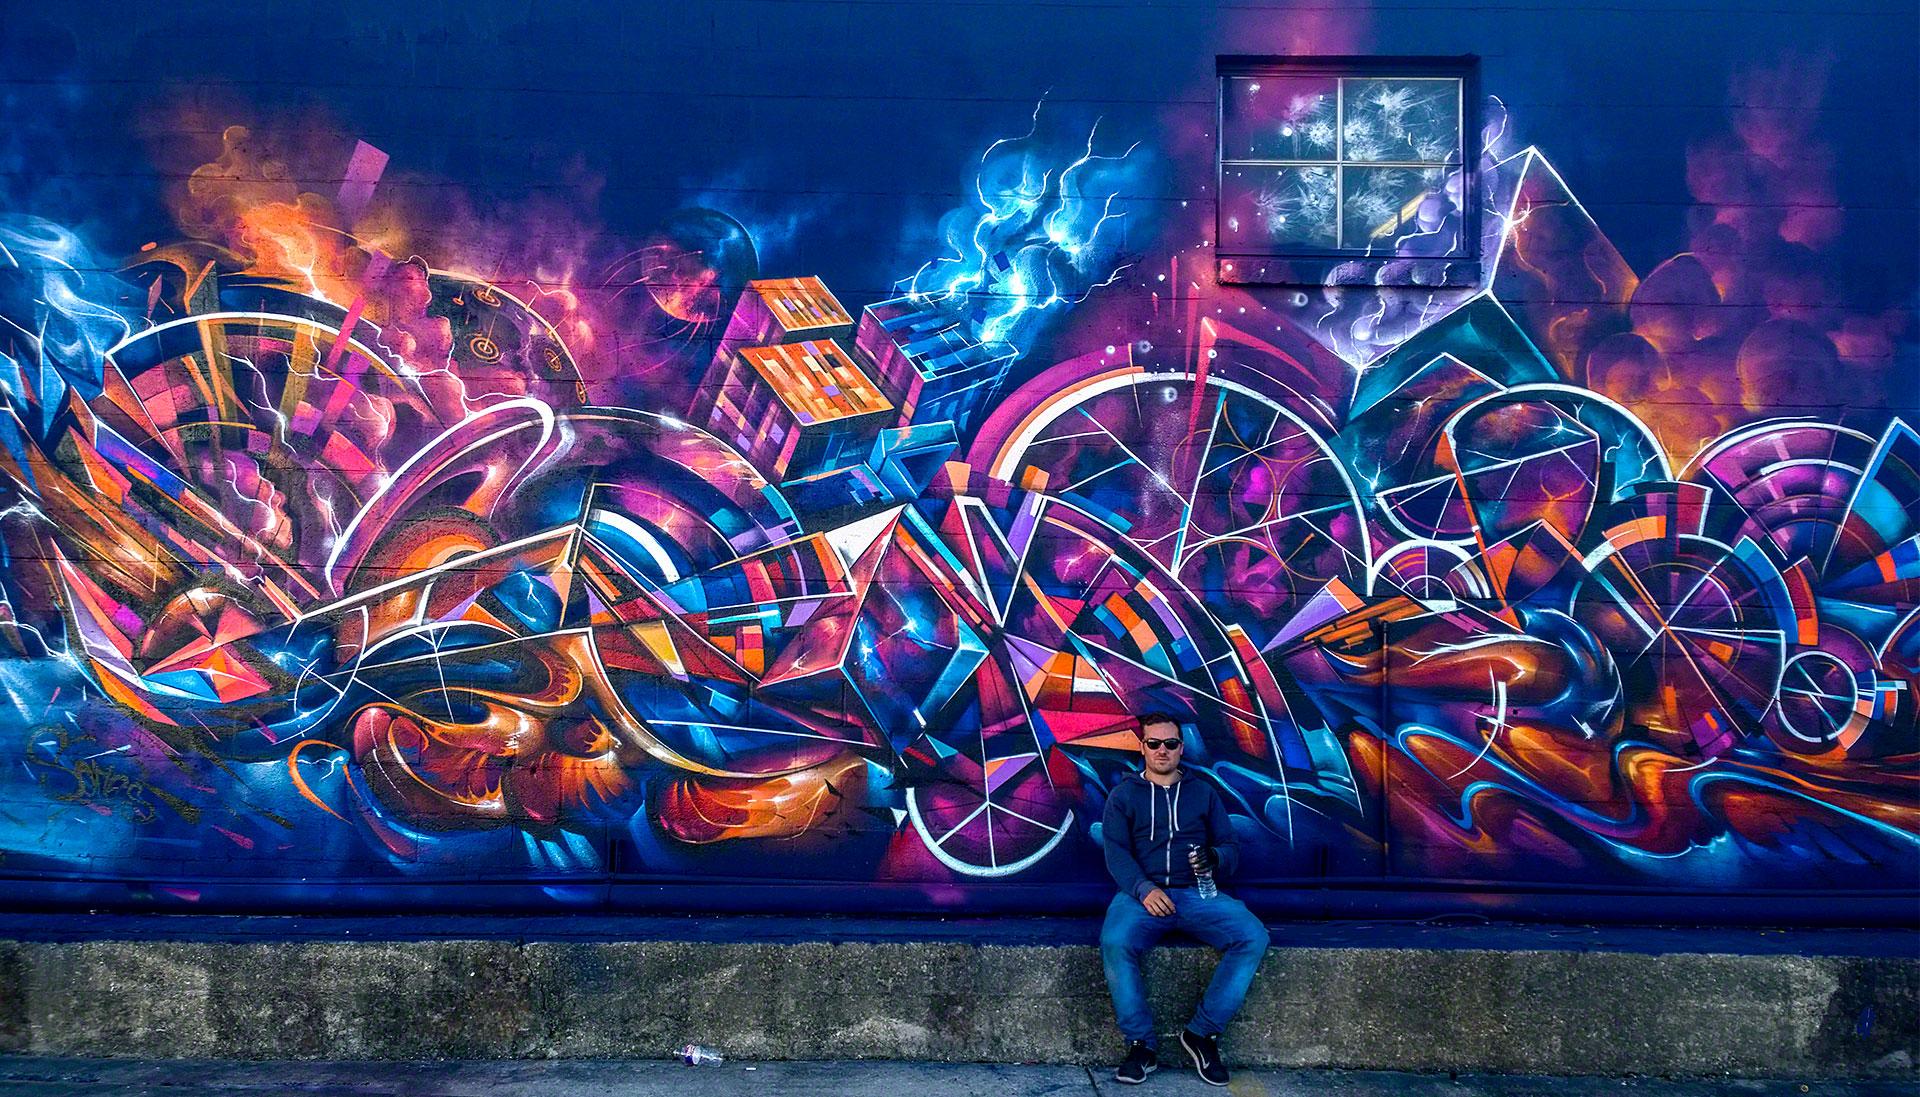 Большие картинки на рабочий стол граффити